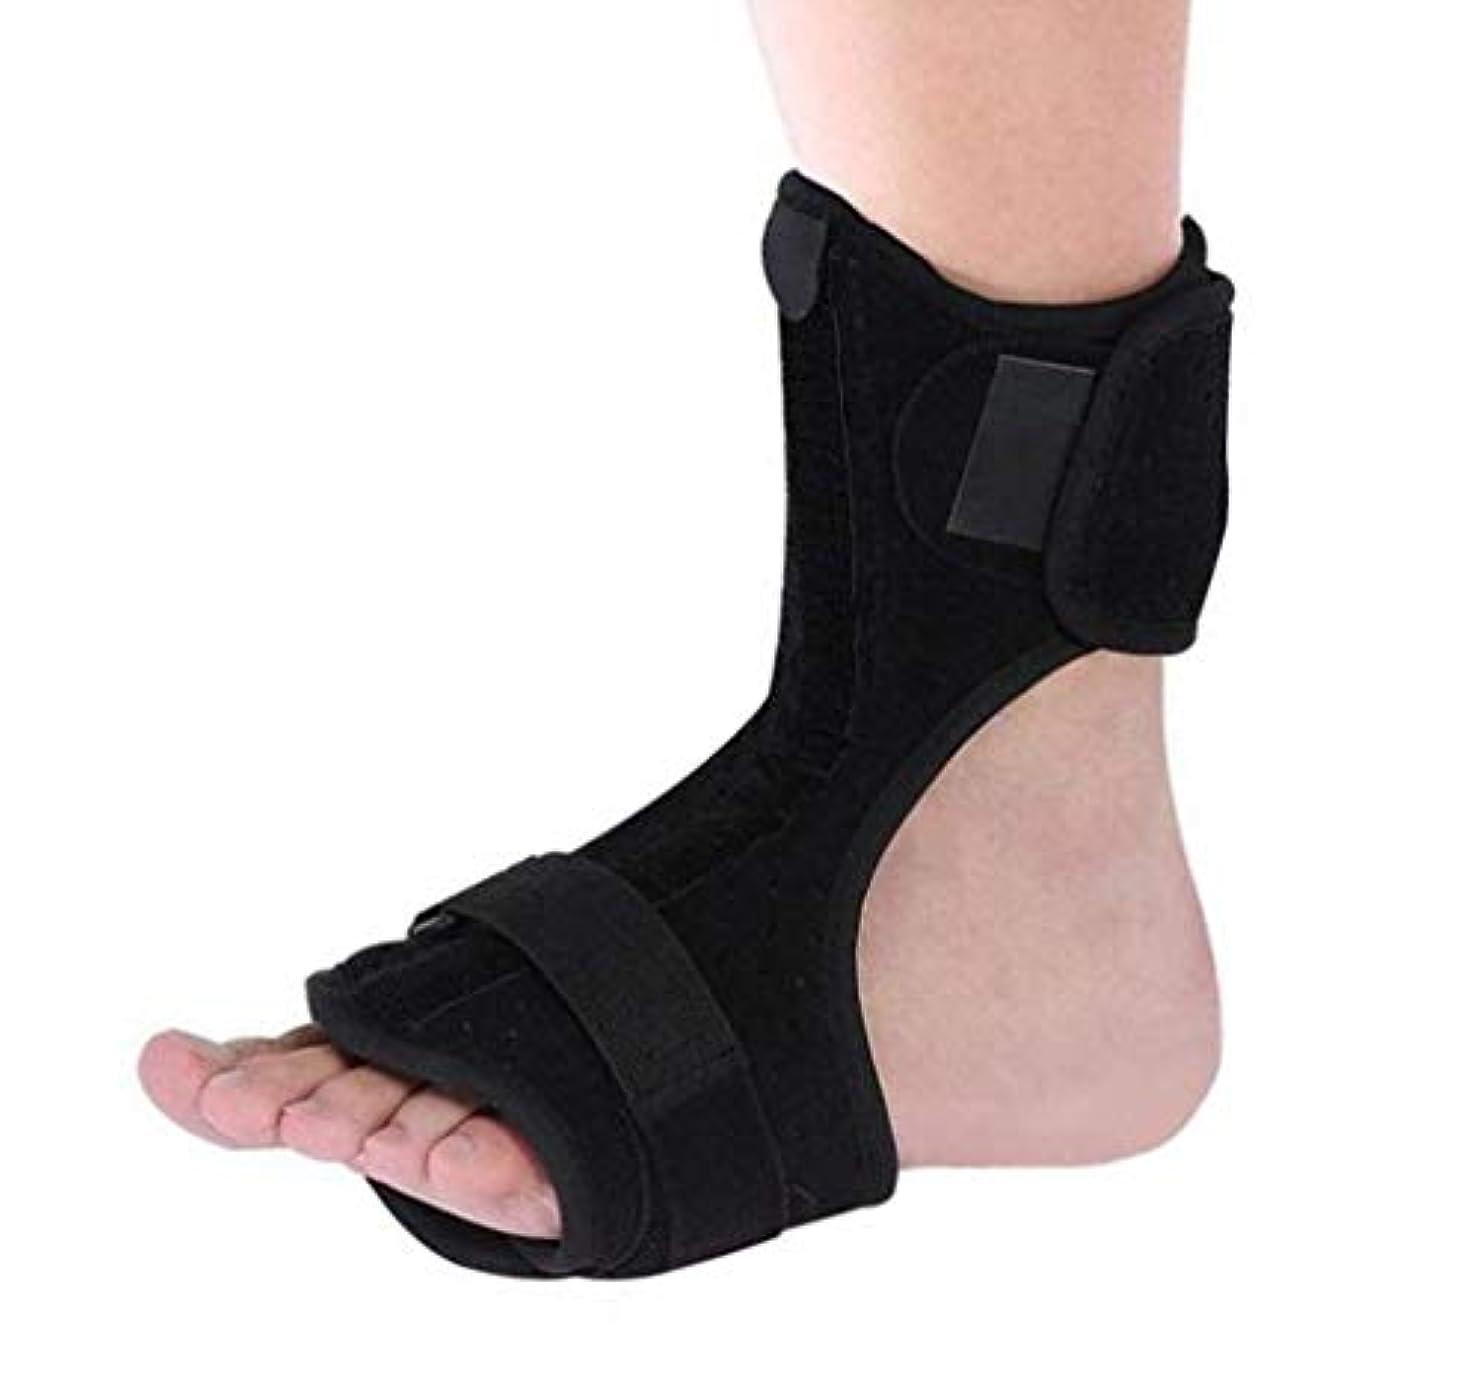 フラグラント性的発揮する足首固定ブラケット、足首装具ブレース、足関節固定装具、アキレス腱手術足首関節術後ケアブレース